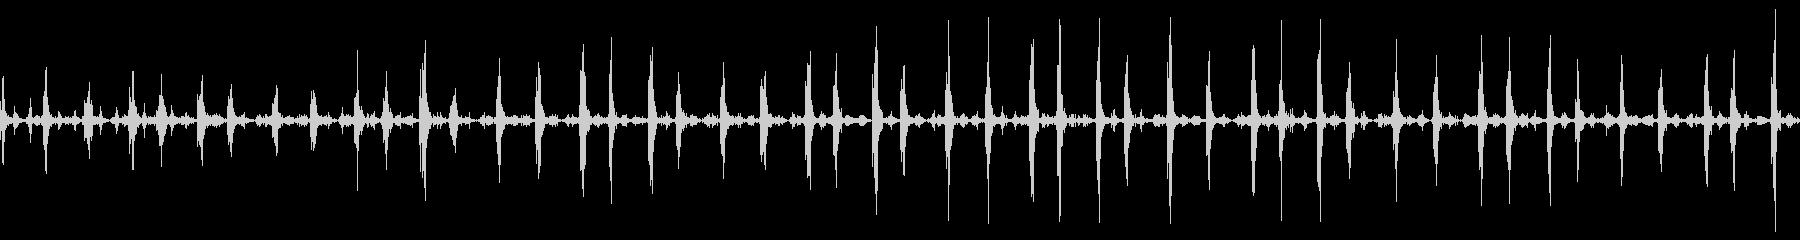 シェイカーのリズムの未再生の波形